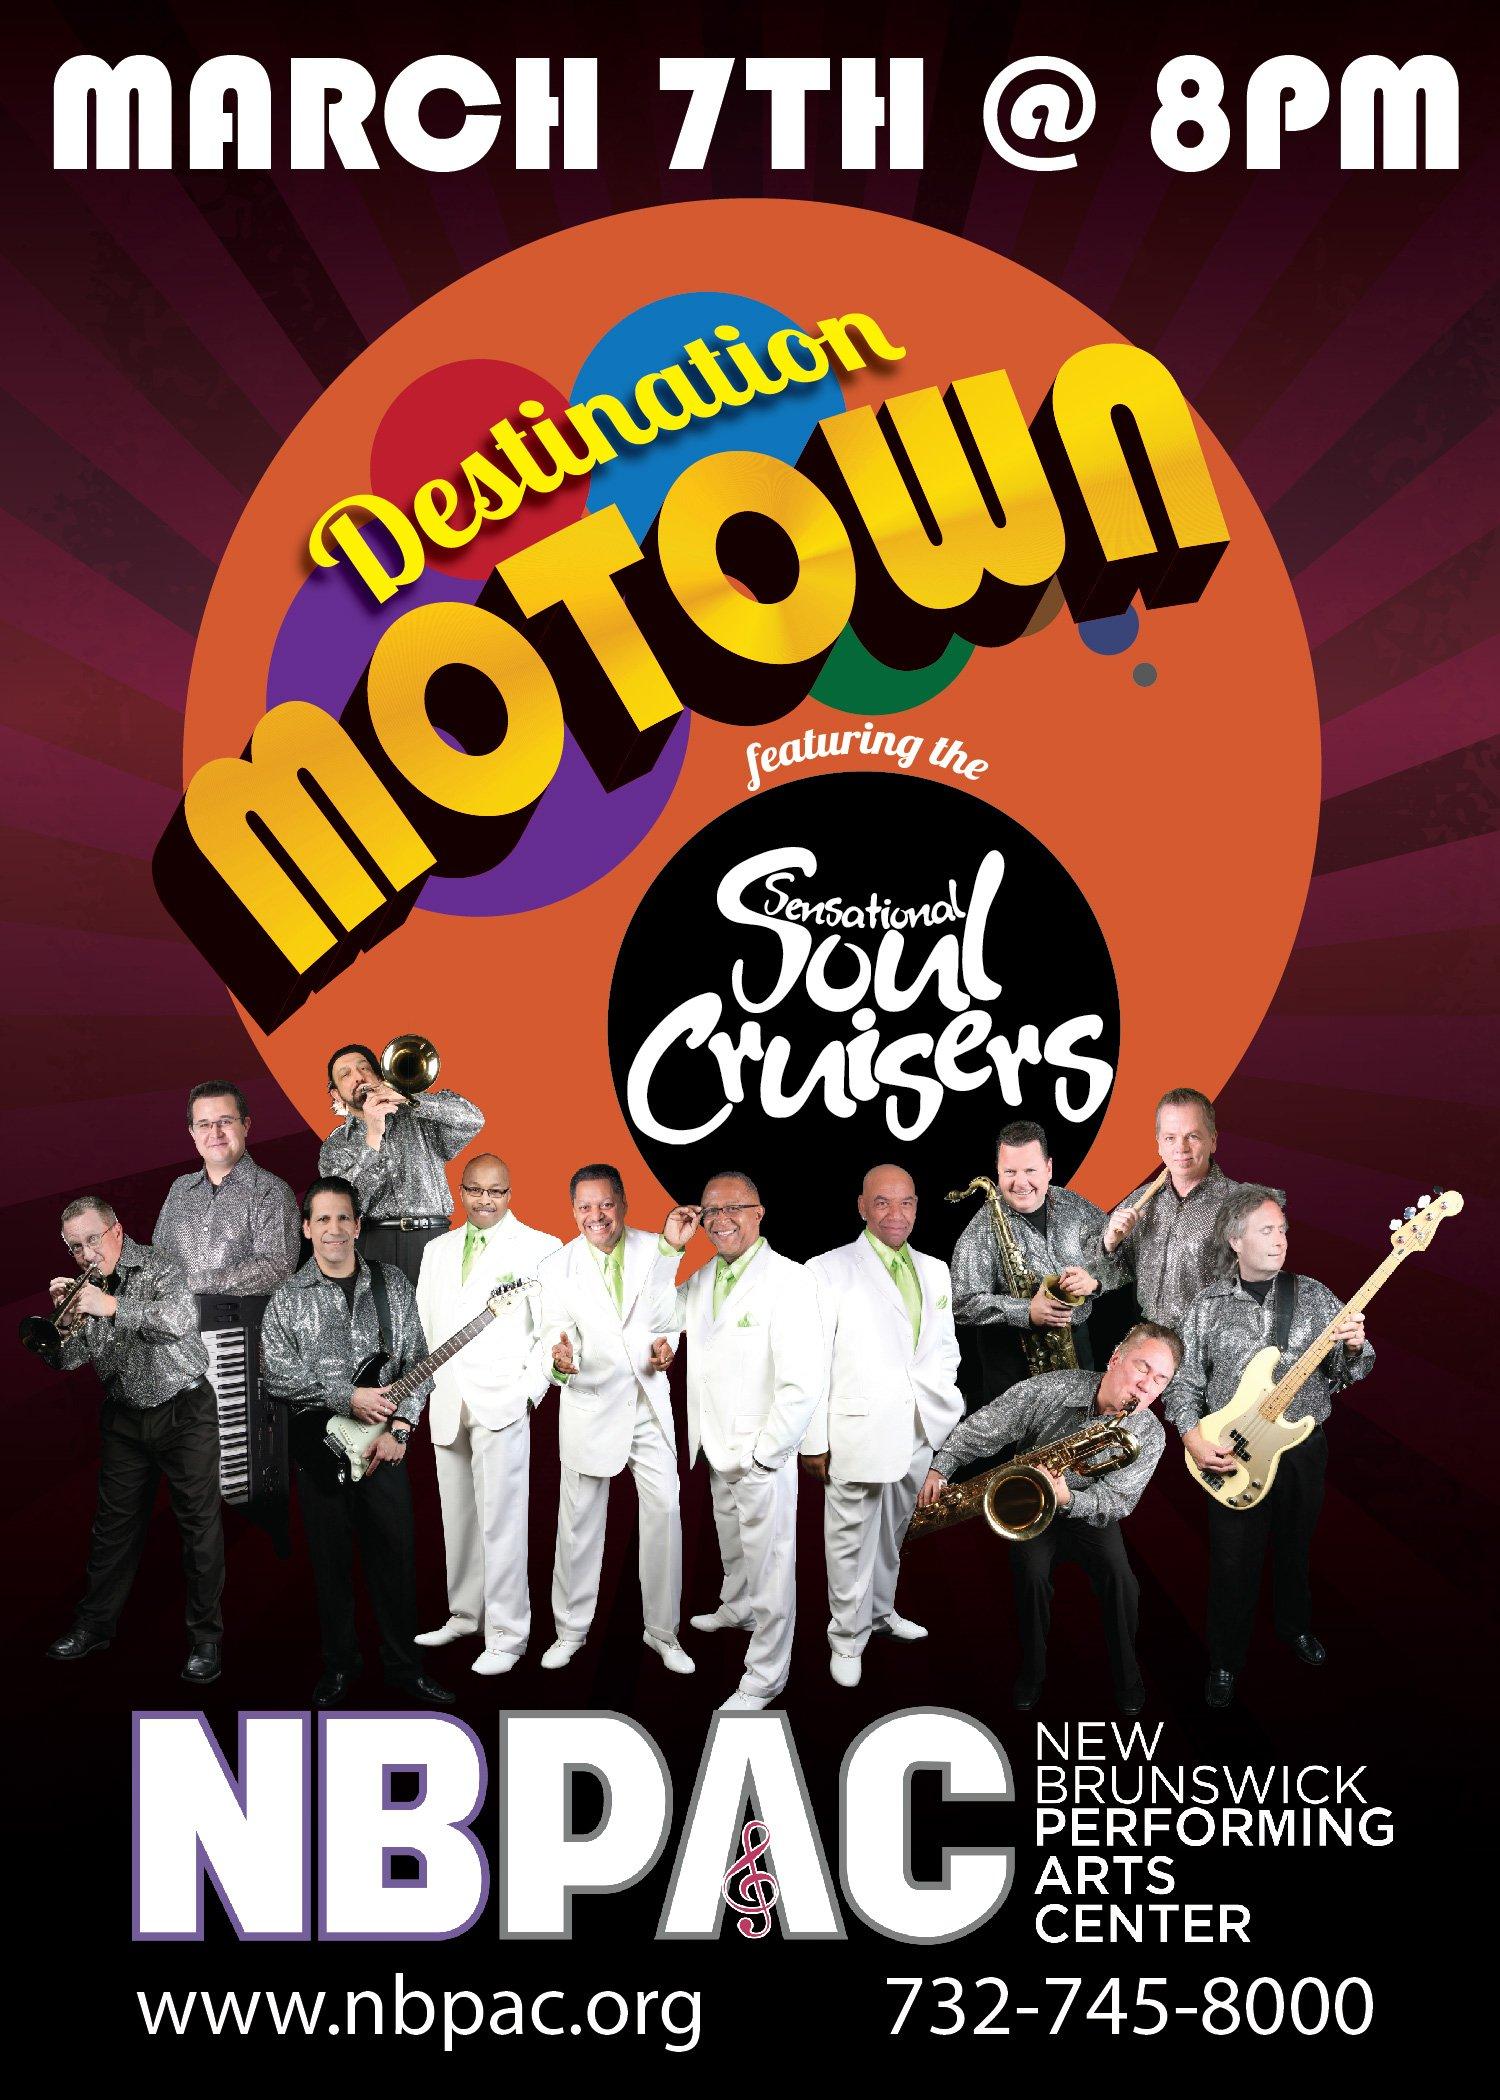 Soul Cruisers at NBPAC 3/7 at 8pm